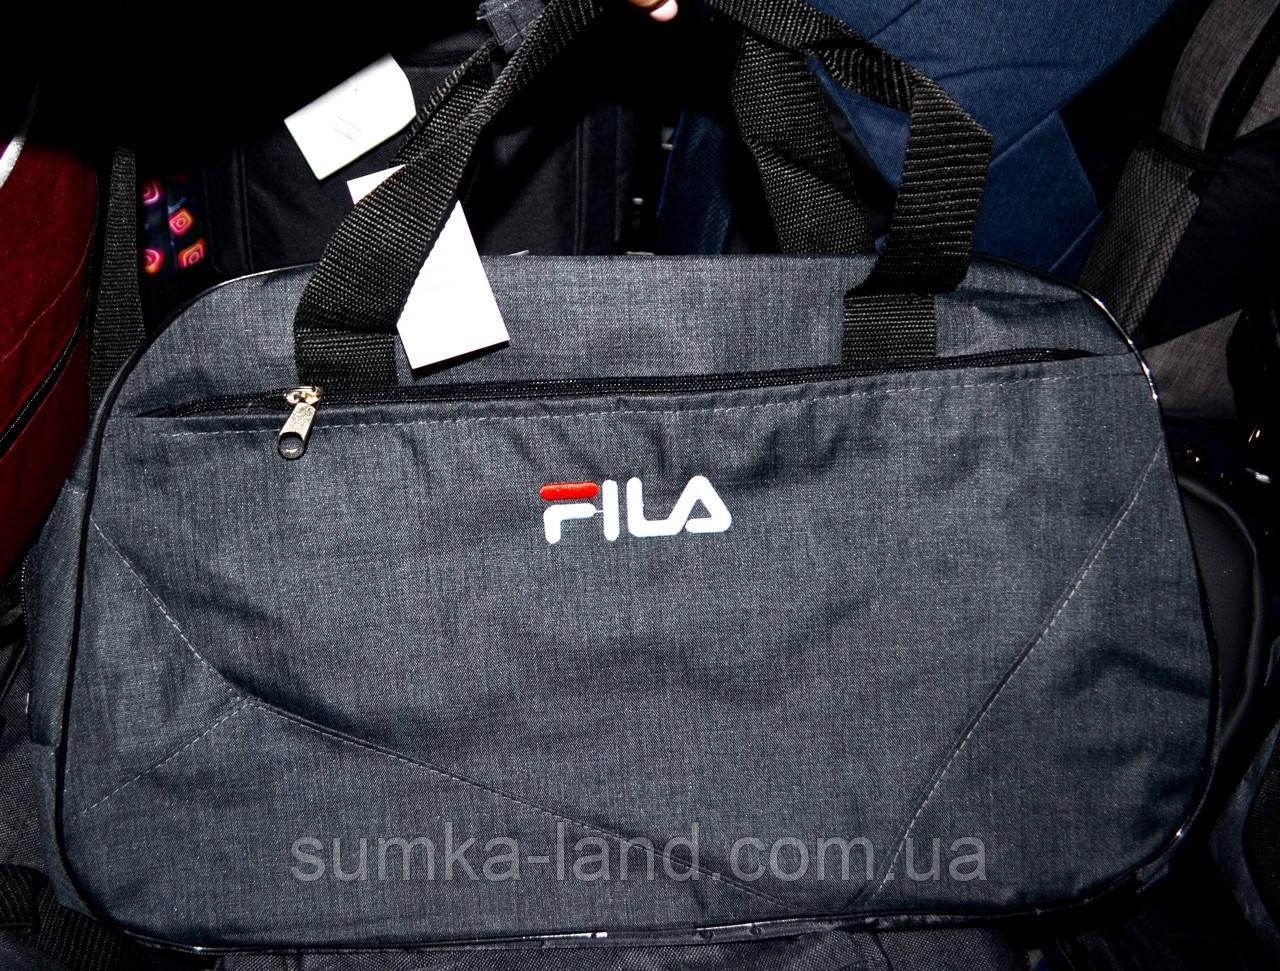 Спортивная дорожная средняя темно-серая сумка 54*31 см, разные накатки